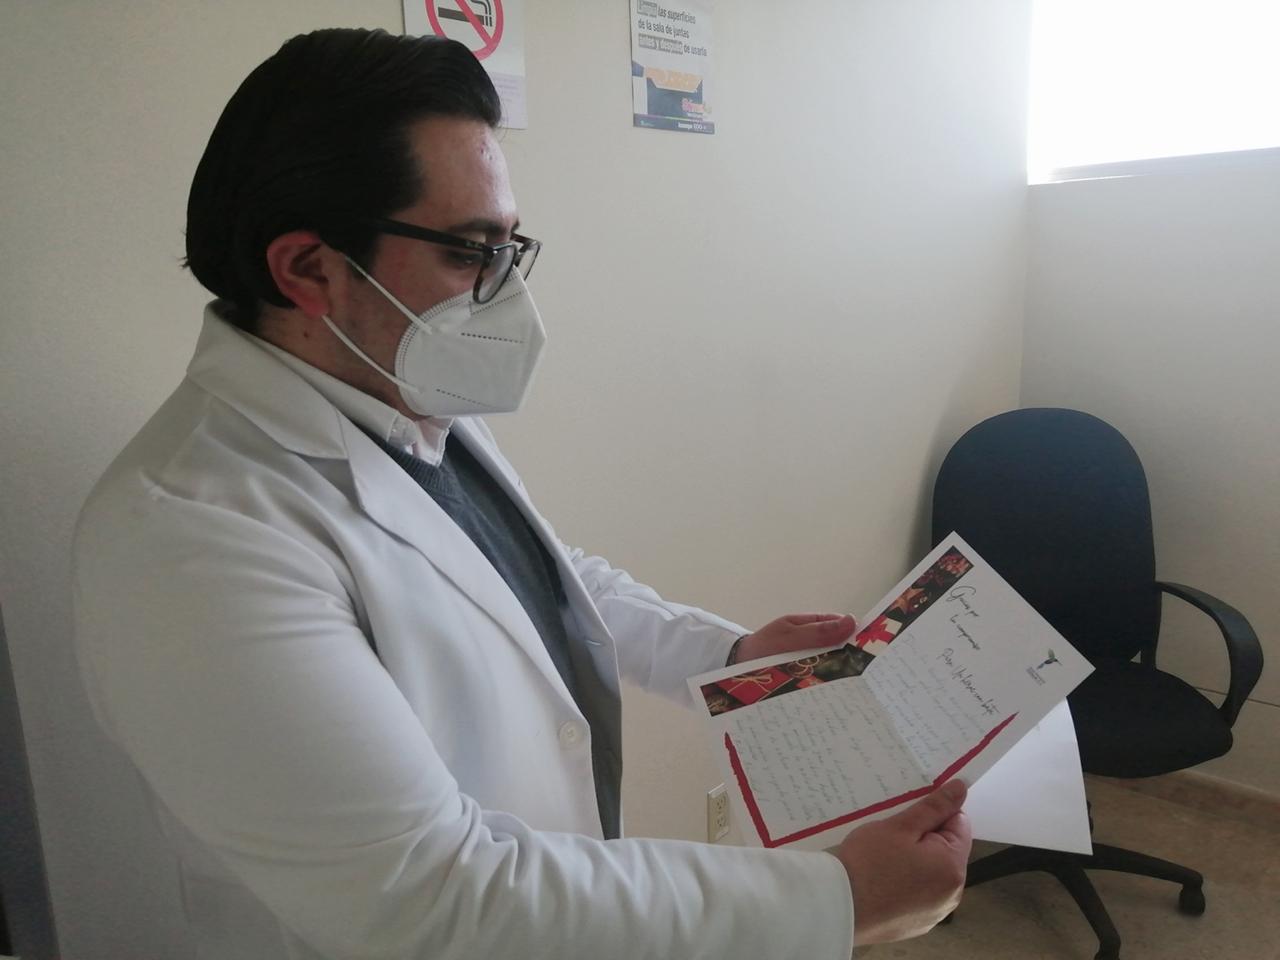 A TRAVÉS DE CARTAS AGRADECEN A PERSONAL MÉDICO SU LABOR EN LA PANDEMIA